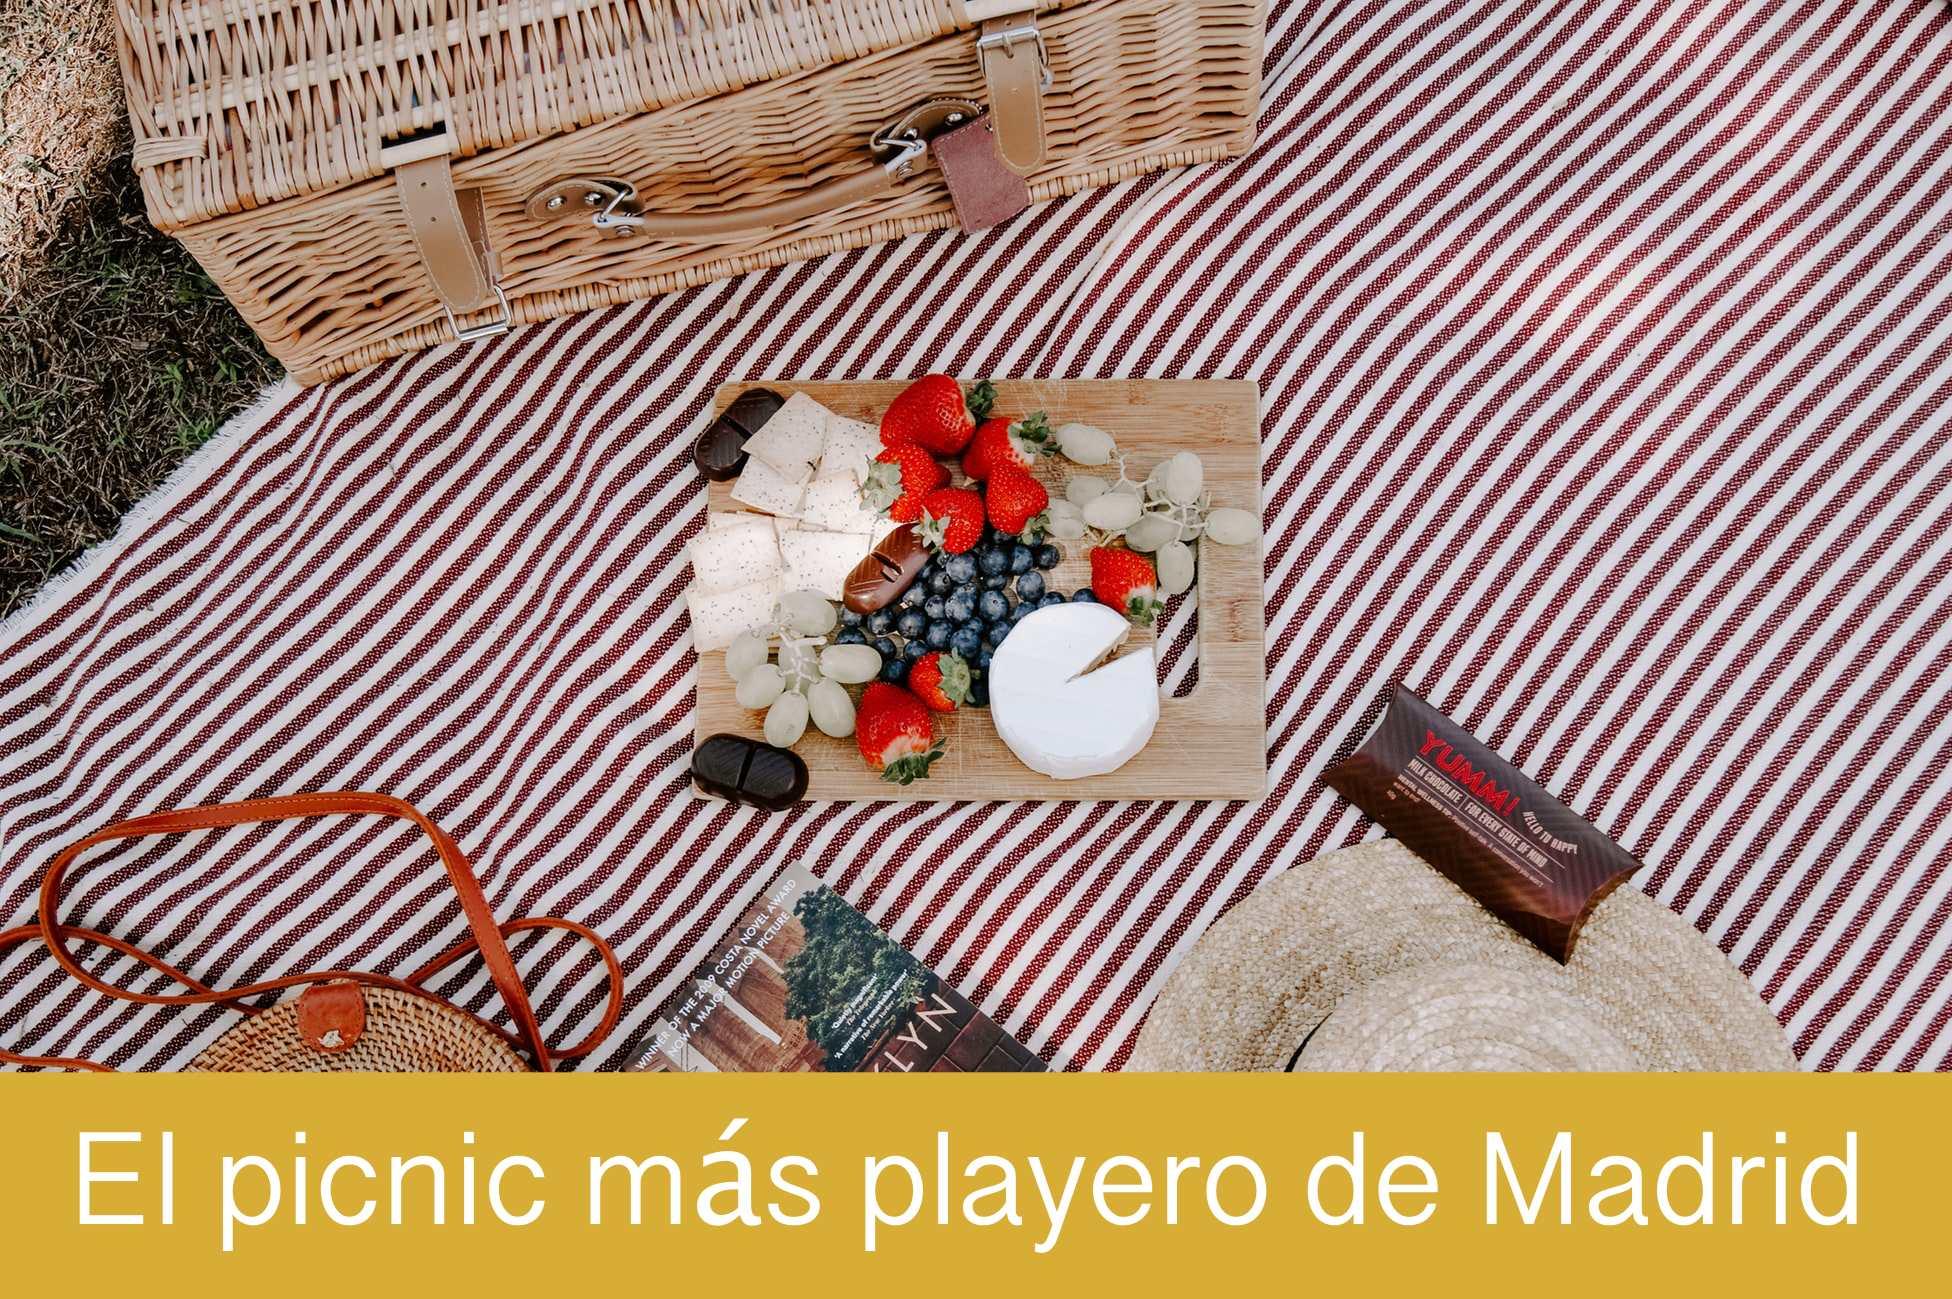 El pícnic más playero de Madrid